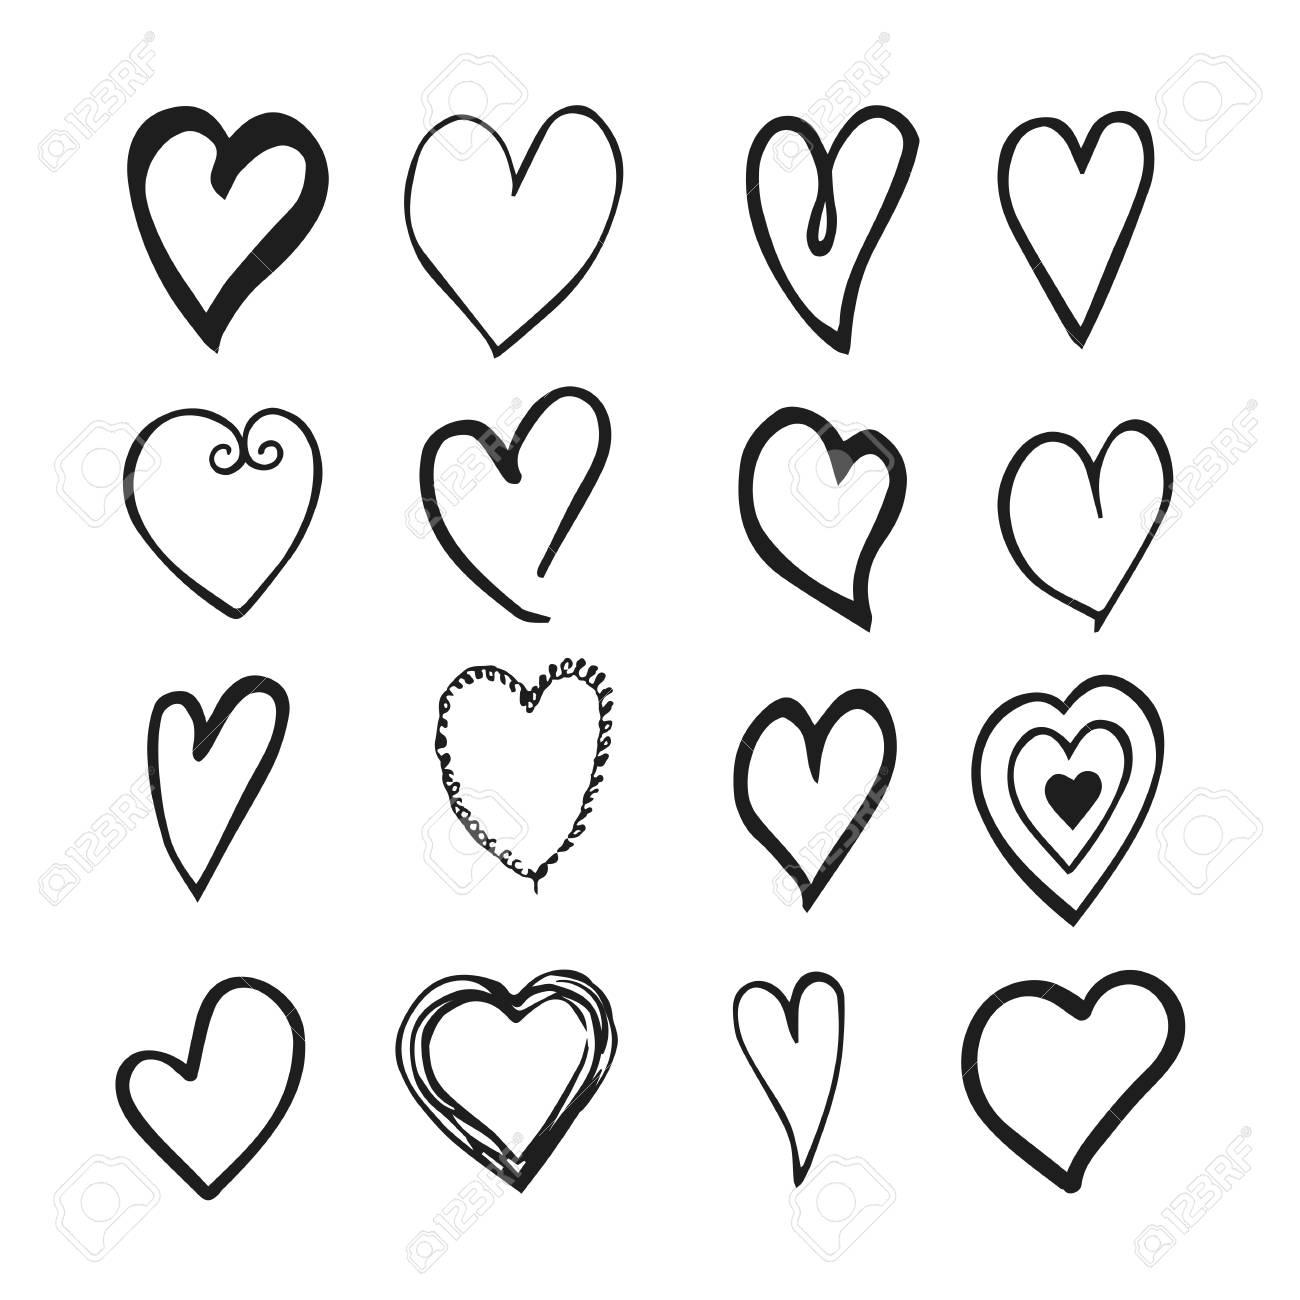 Vector Dibujado A Mano En Blanco Y Negro Con Corazones Elementos De